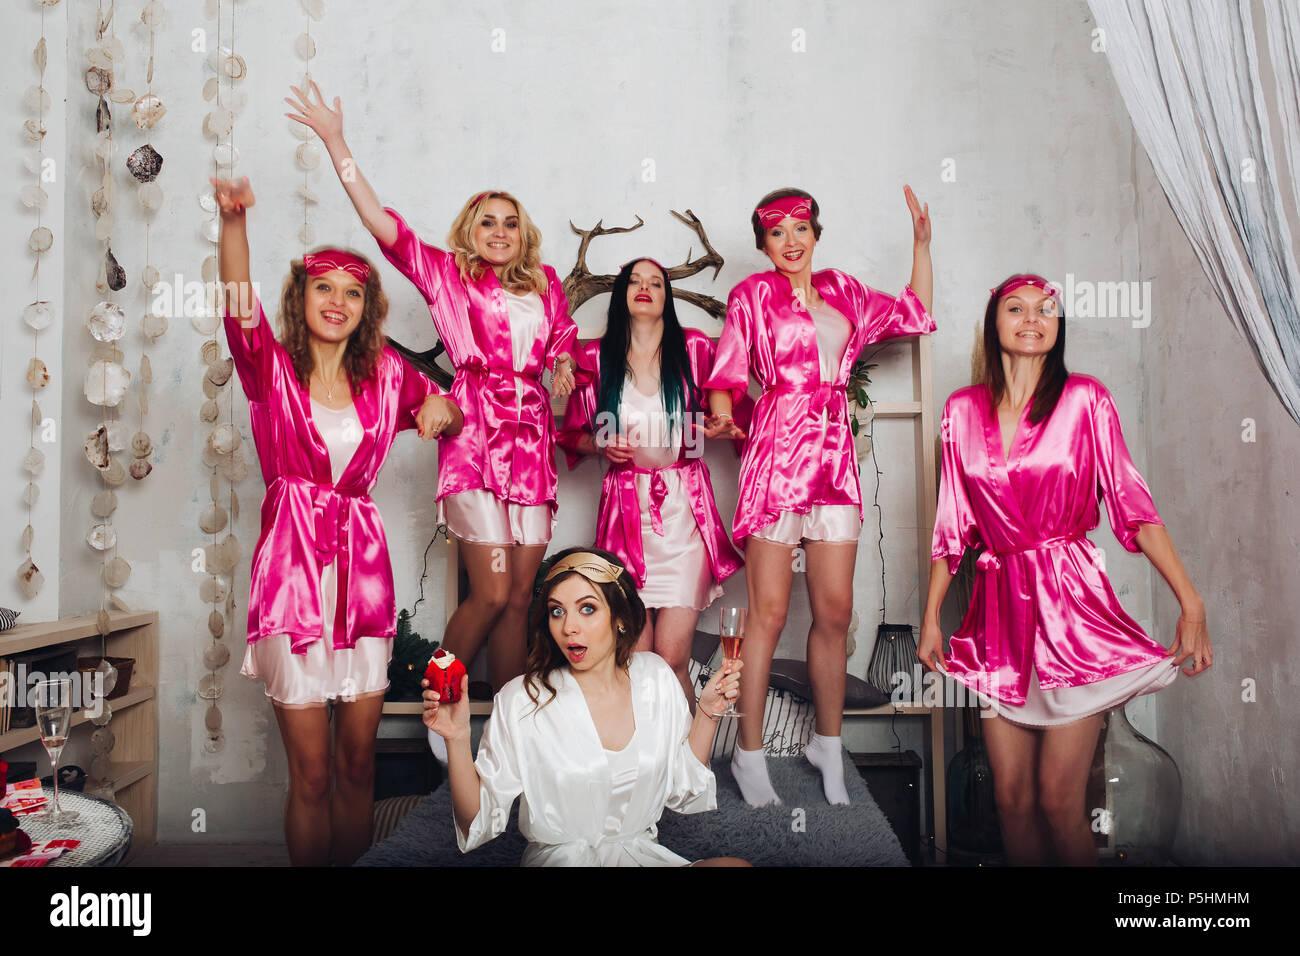 Bridal Party Imágenes De Stock & Bridal Party Fotos De Stock - Alamy